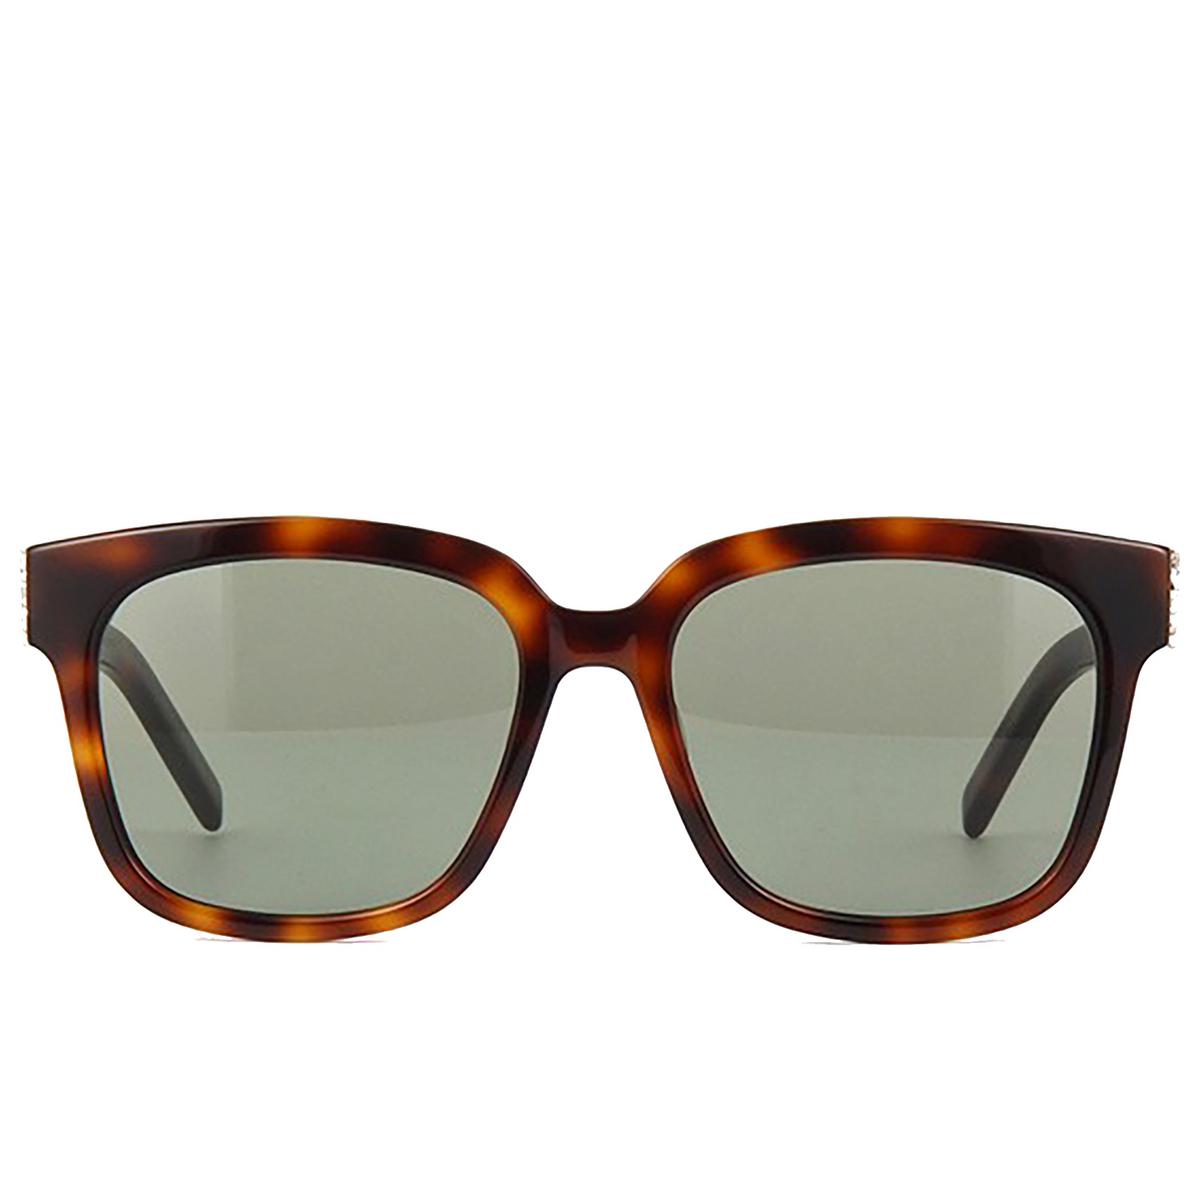 Saint Laurent® Square Sunglasses: SL M40 color Havana 005 - 1/3.